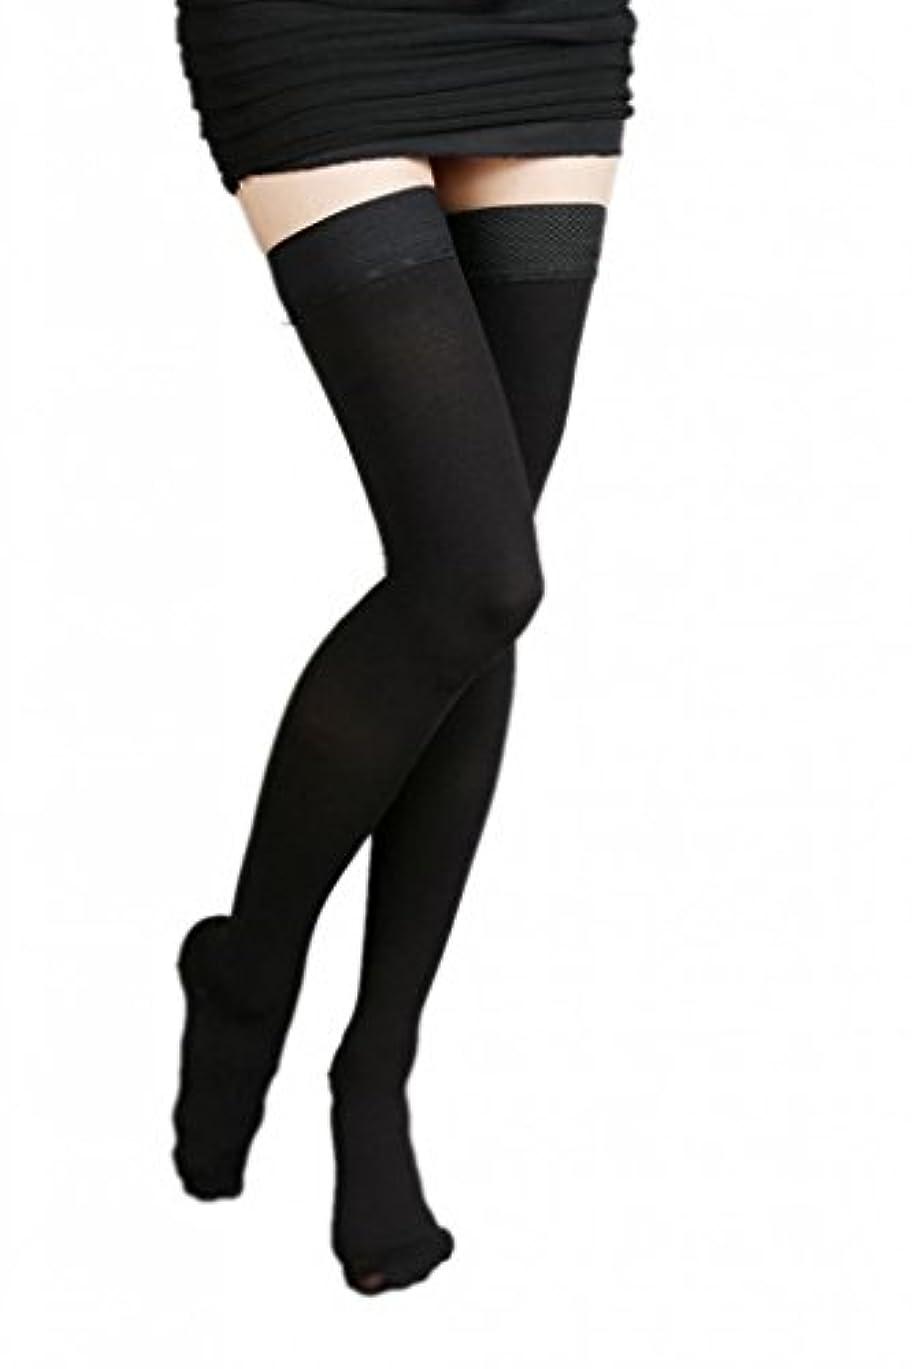 遠い粘着性ランチ(ラボーグ)La Vogue 美脚 着圧オーバーニーソックス ハイソックス 靴下 弾性ストッキング つま先あり着圧ソックス XL 2級中圧 黒色